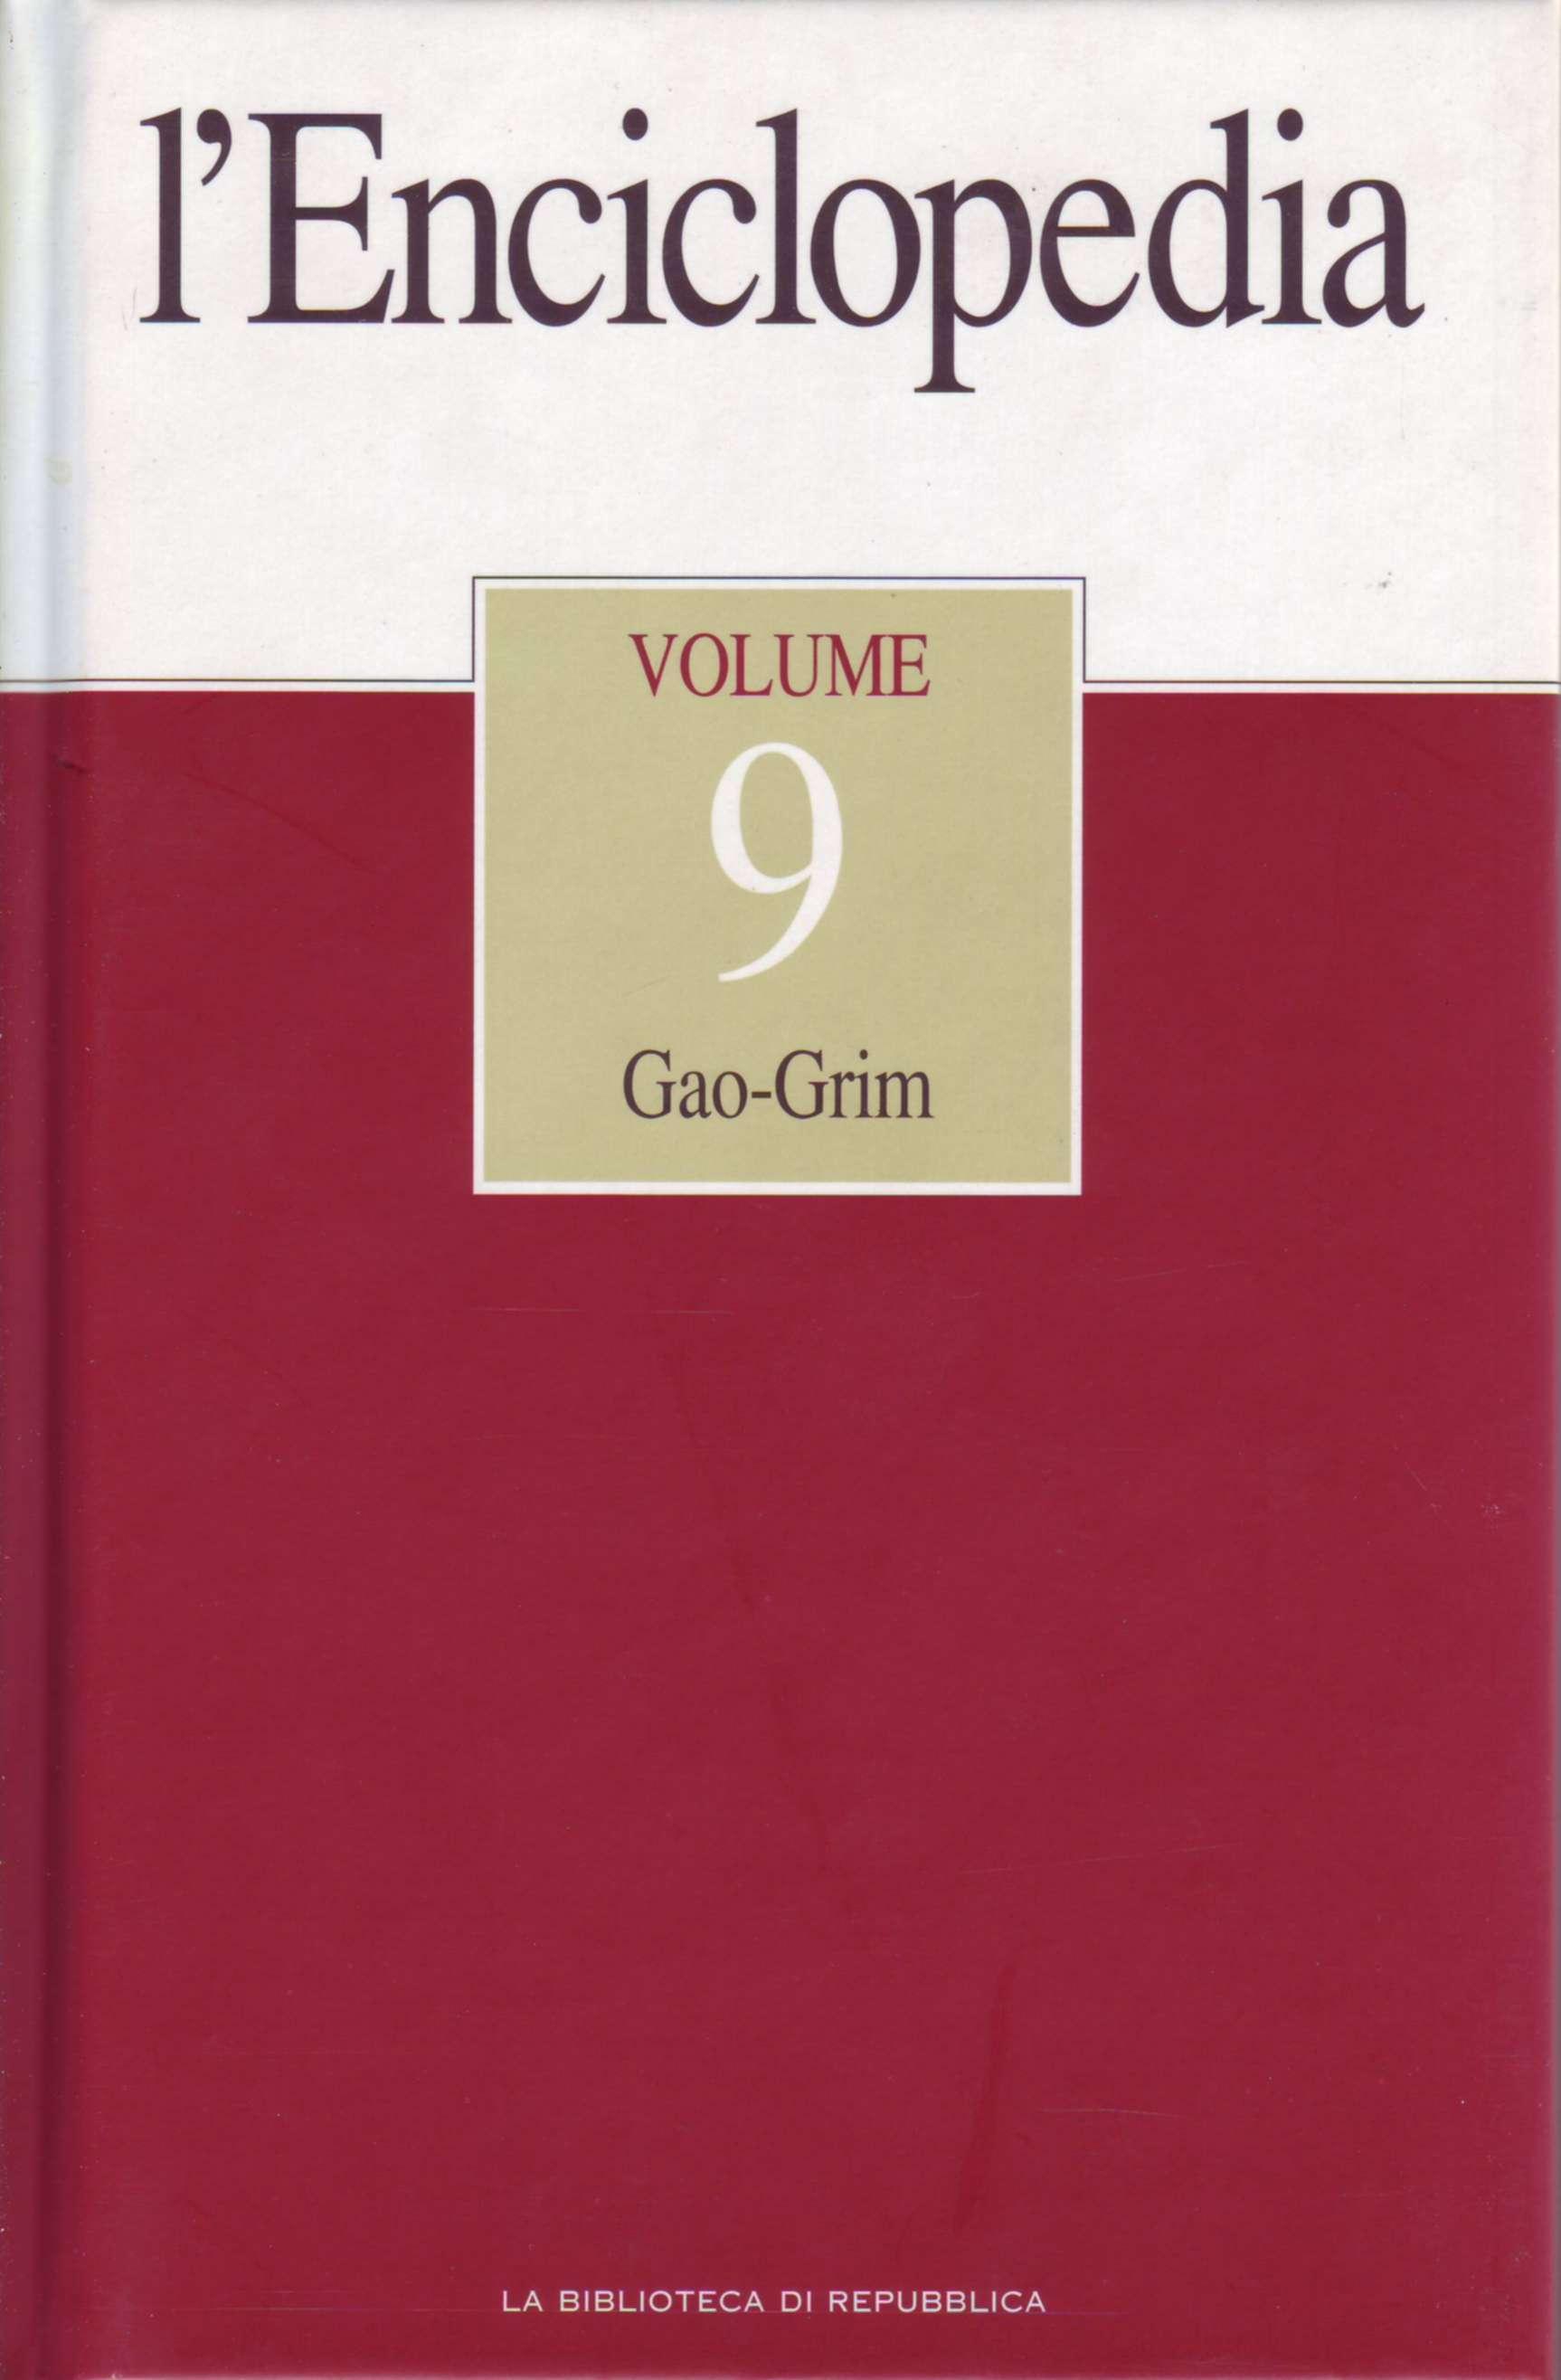 L'Enciclopedia - Vol. 9